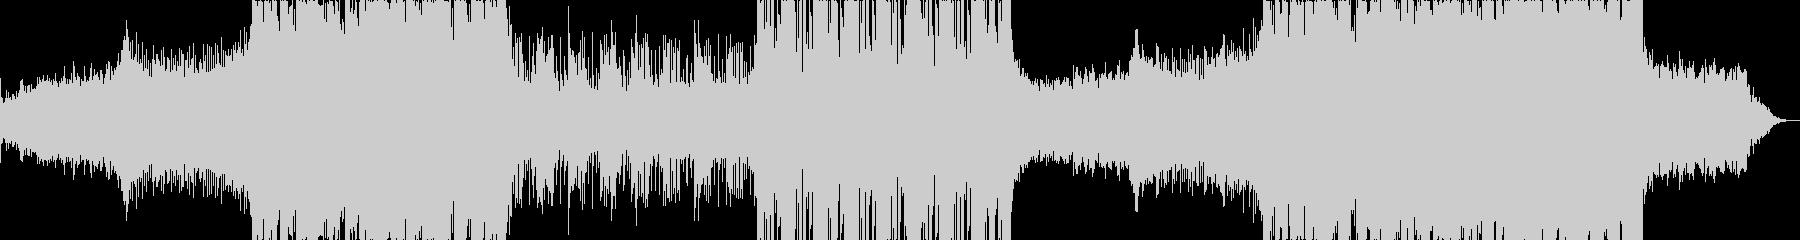 遊びのある爽やかなフューチャーエレクトロの未再生の波形